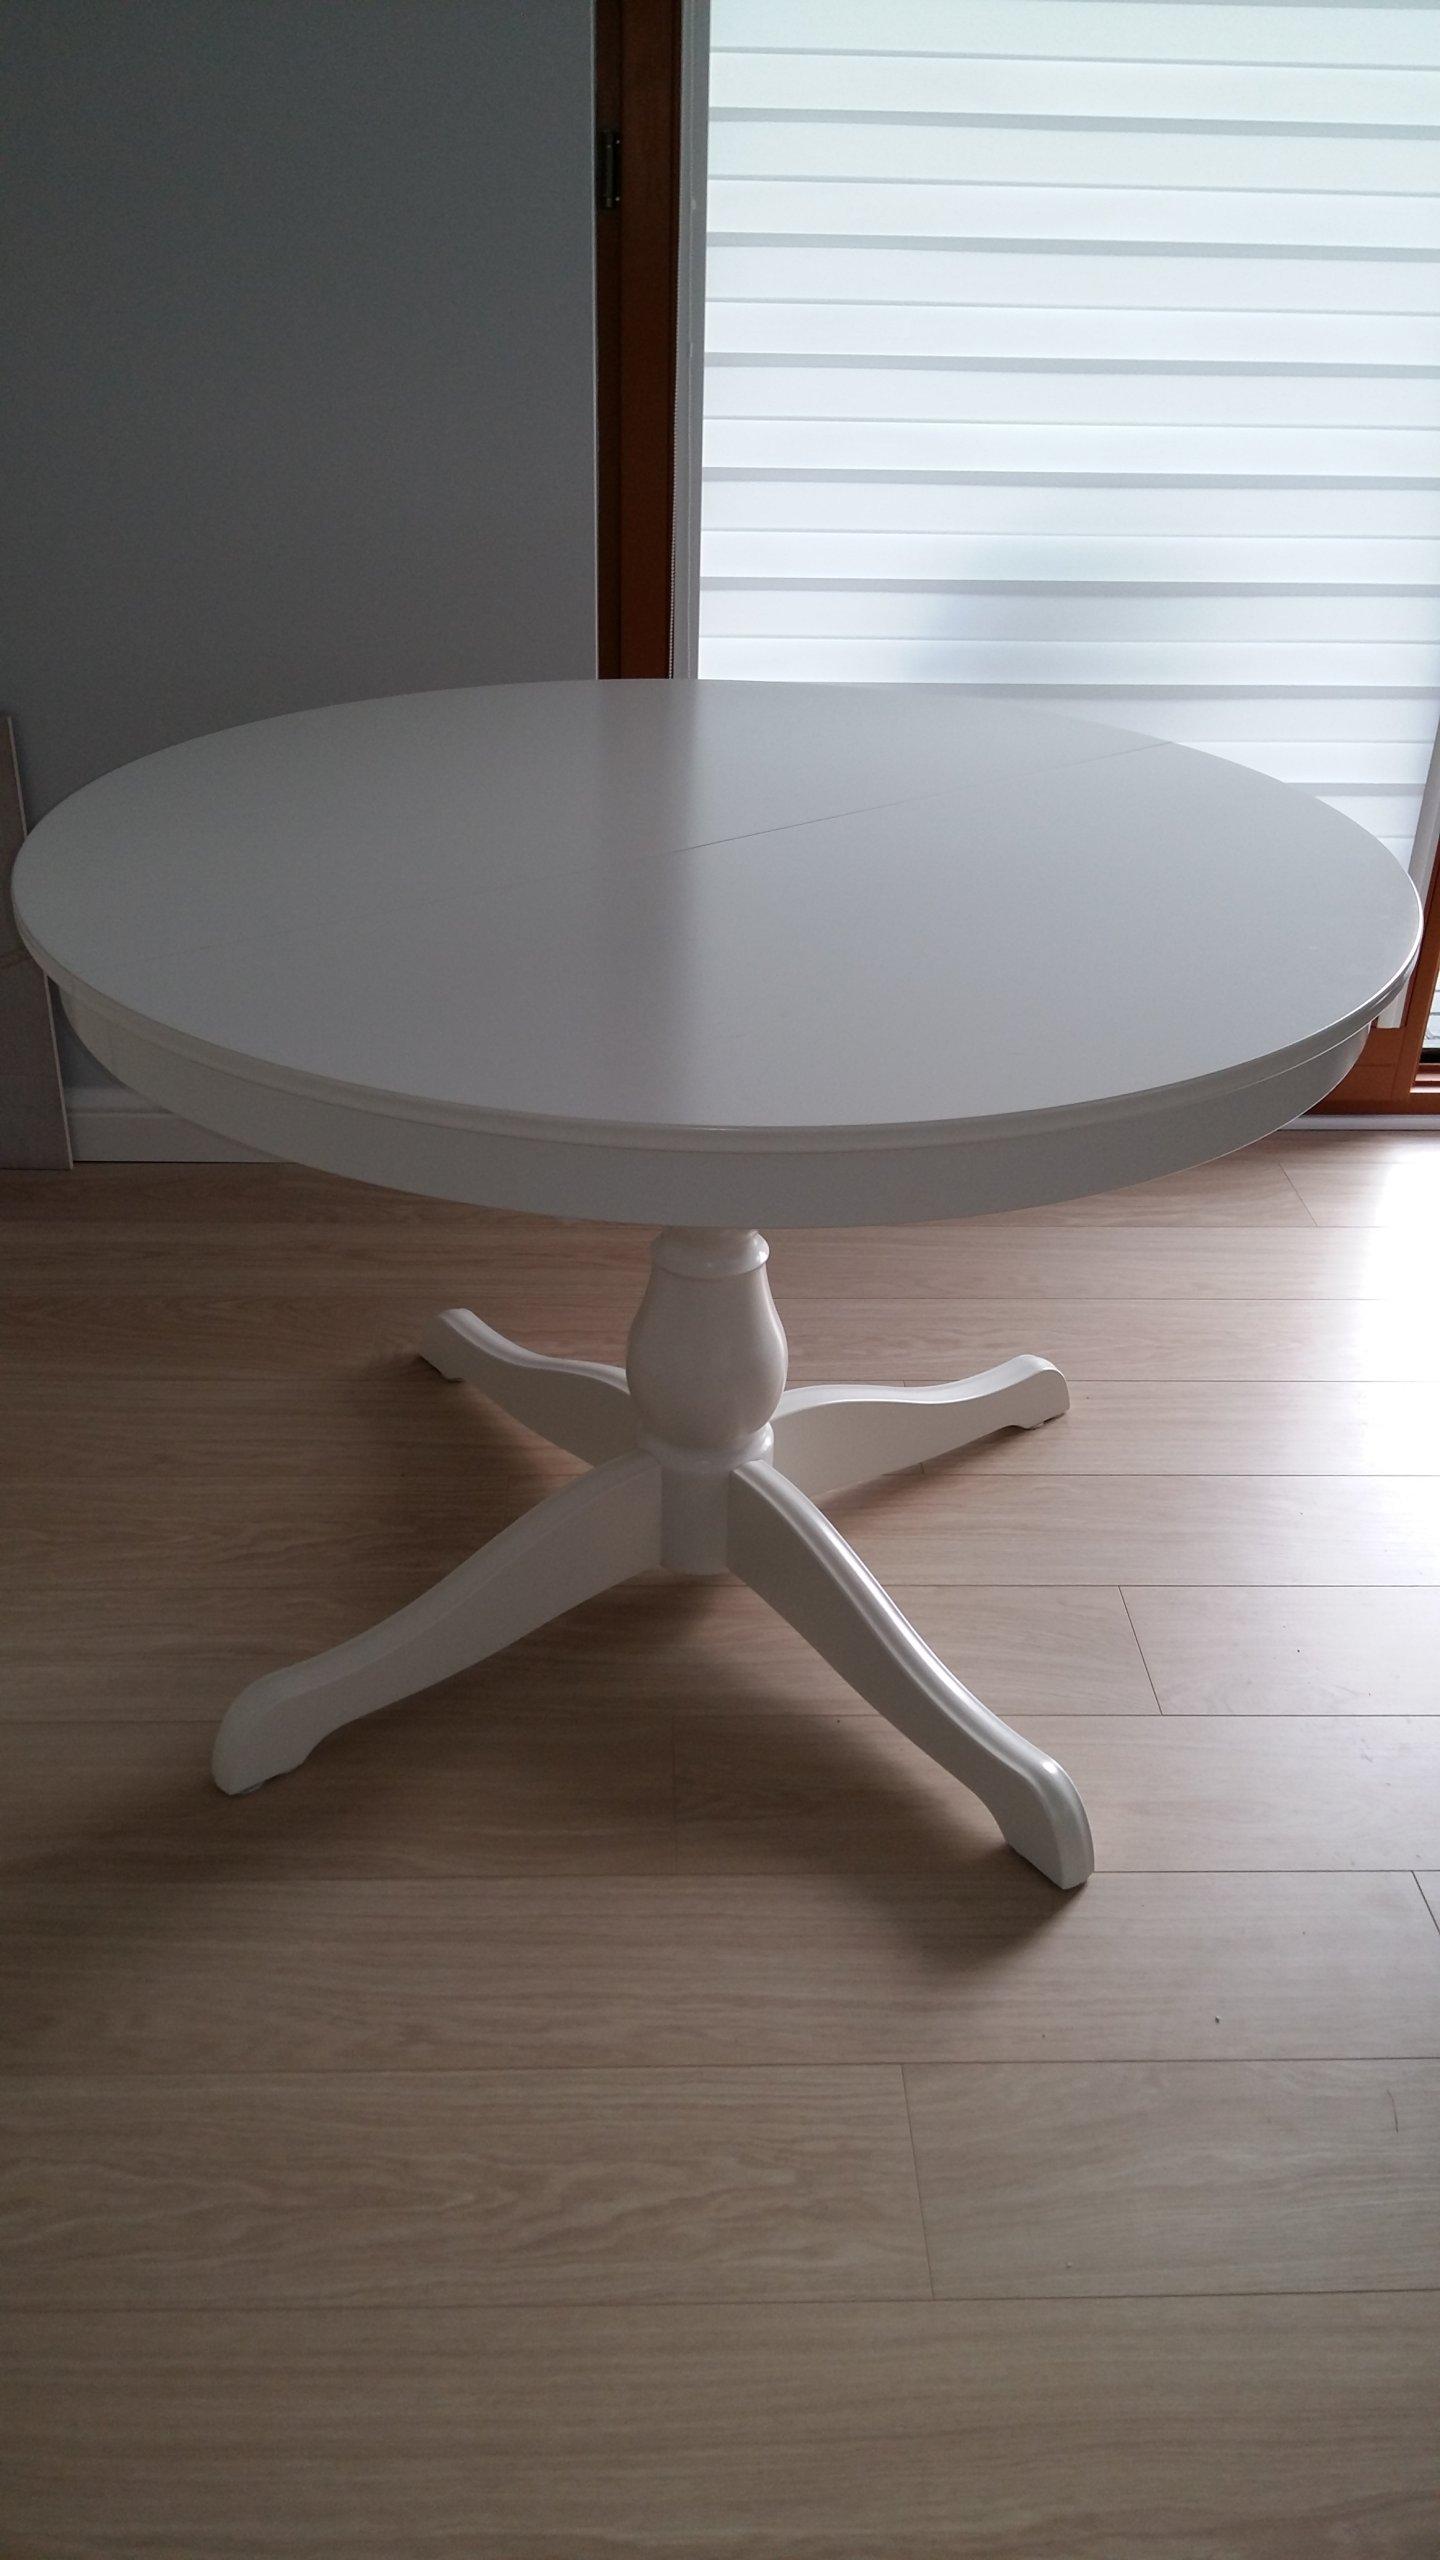 Stół Ikea Ingatorp Biały Okrągły Rozkładany 7409431759 Oficjalne